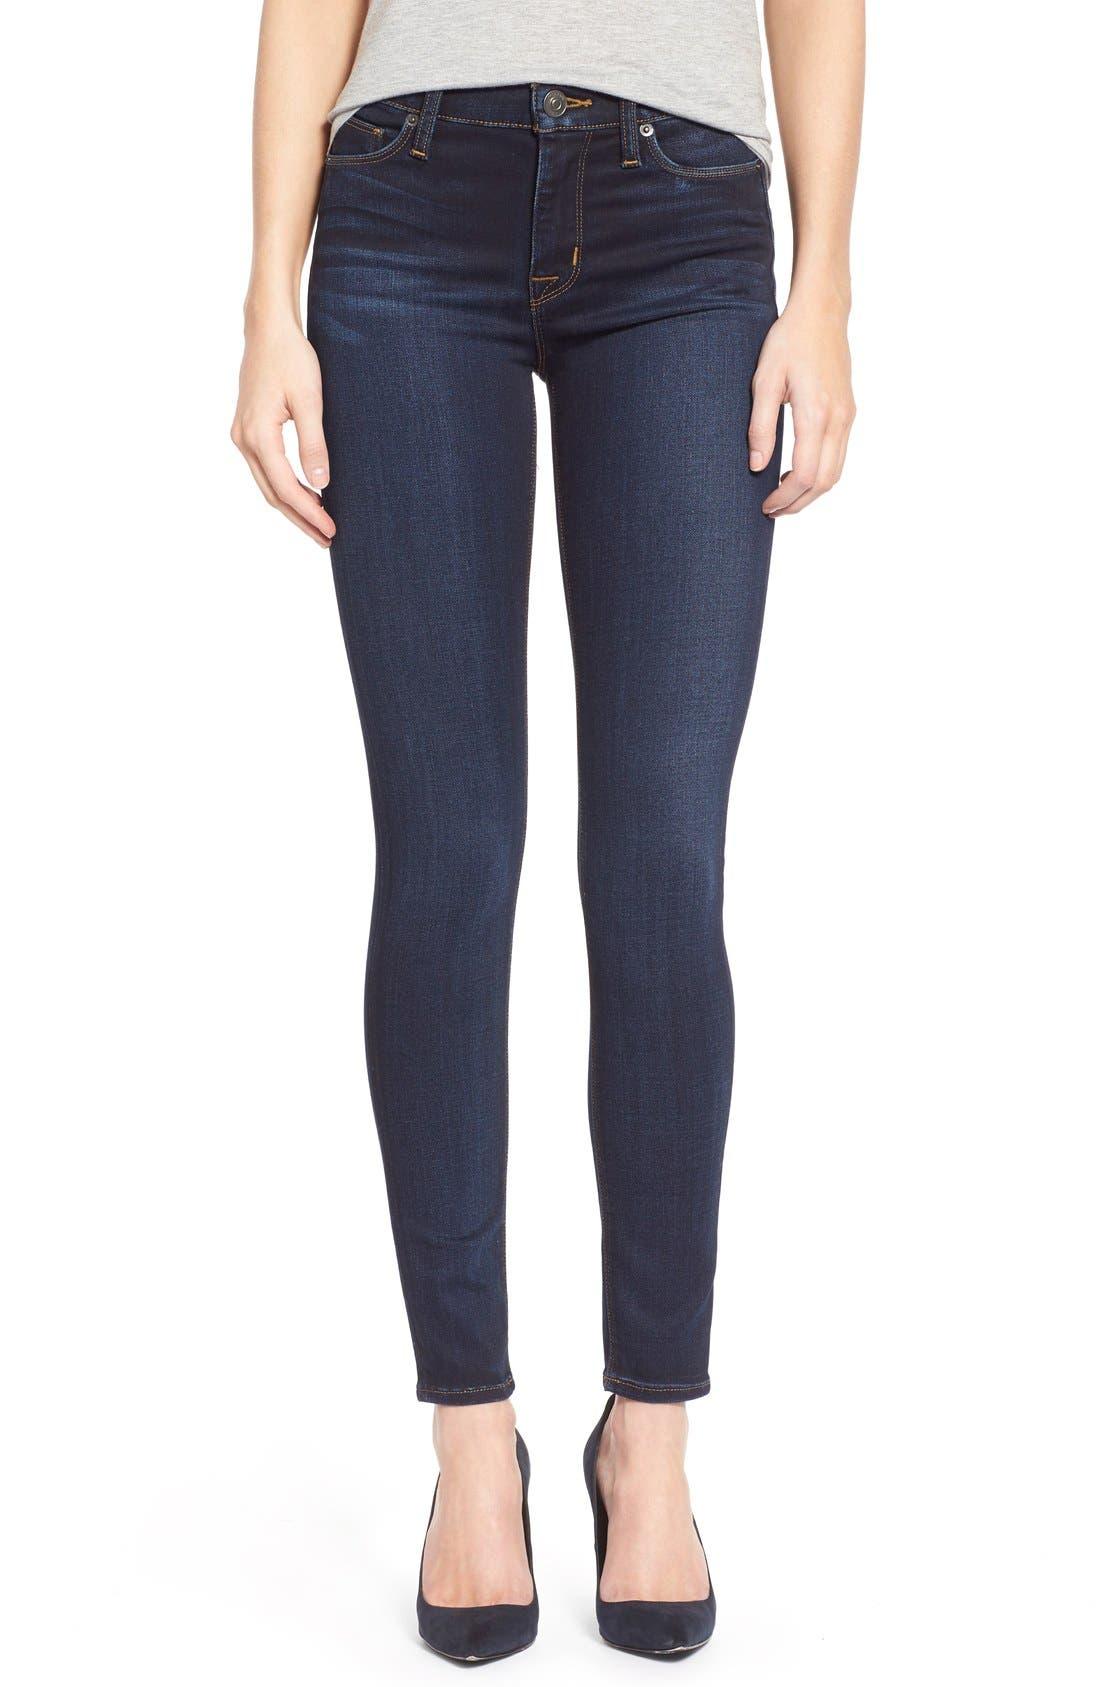 HUDSON JEANS 'Nico' Skinny Jeans